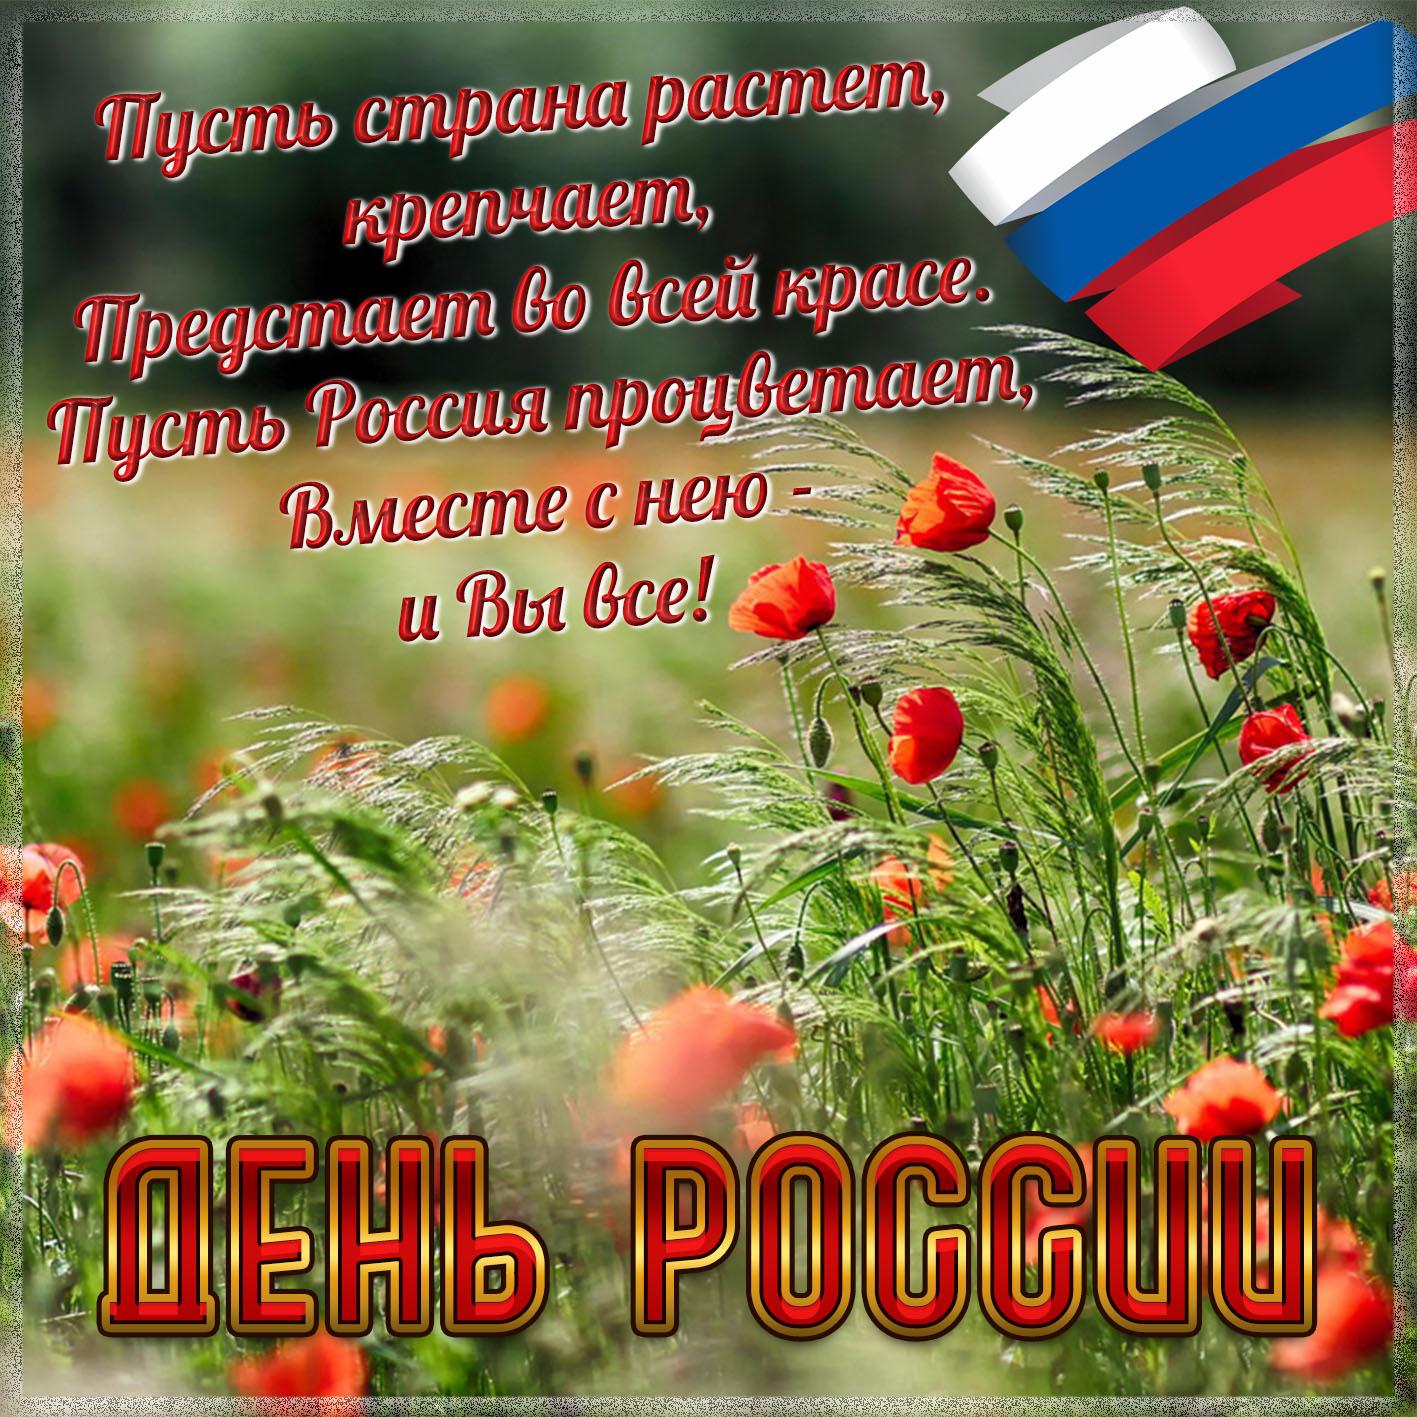 красивые анимационные картинки с днем россии